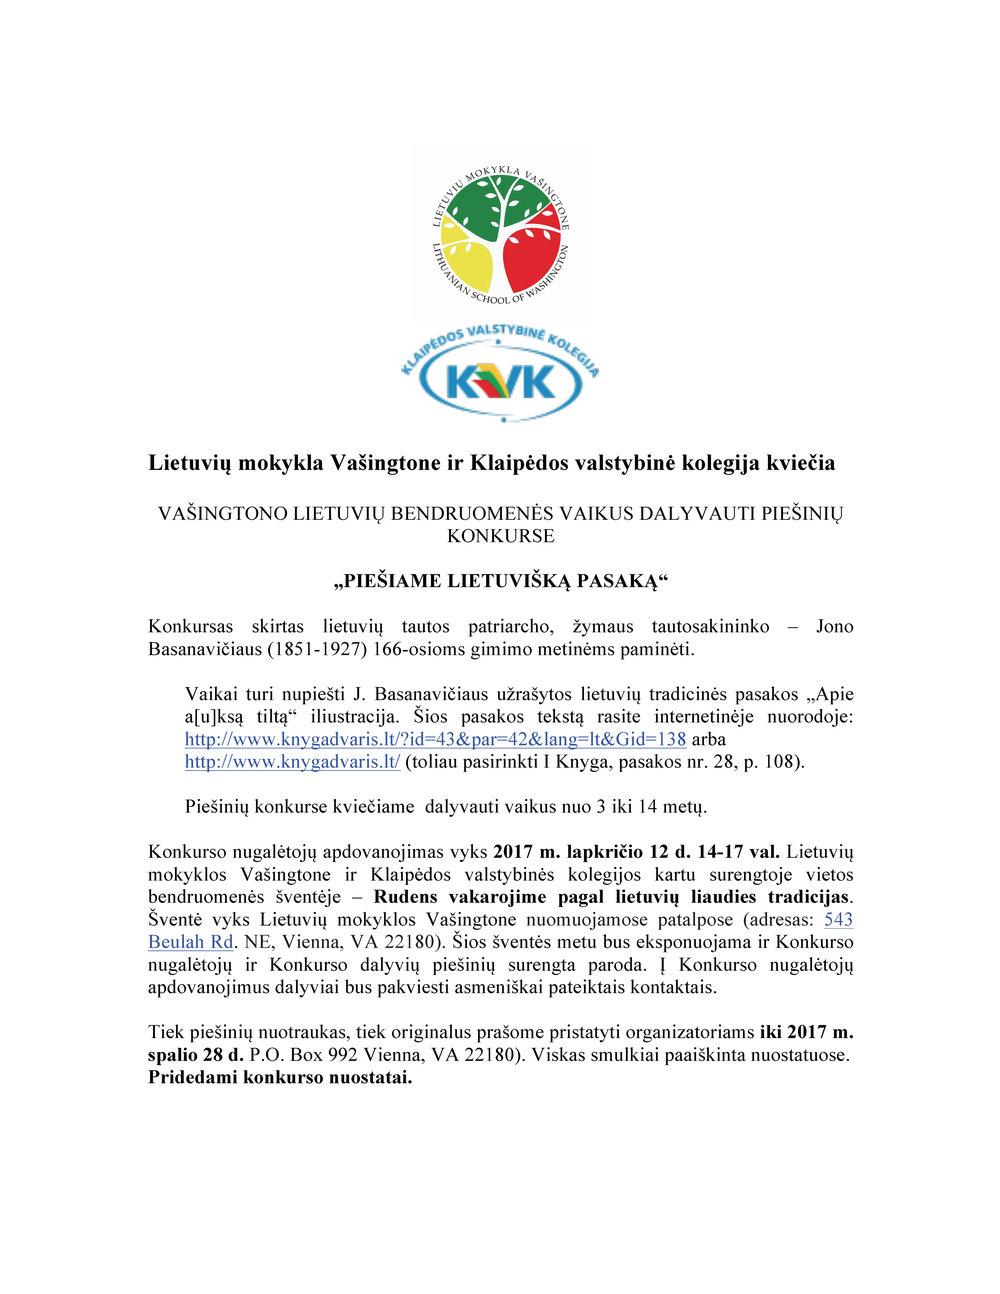 Lietuvių mokykla Vašingtone ir Klaipėdos valstybinė kolegija kviečia.jpg